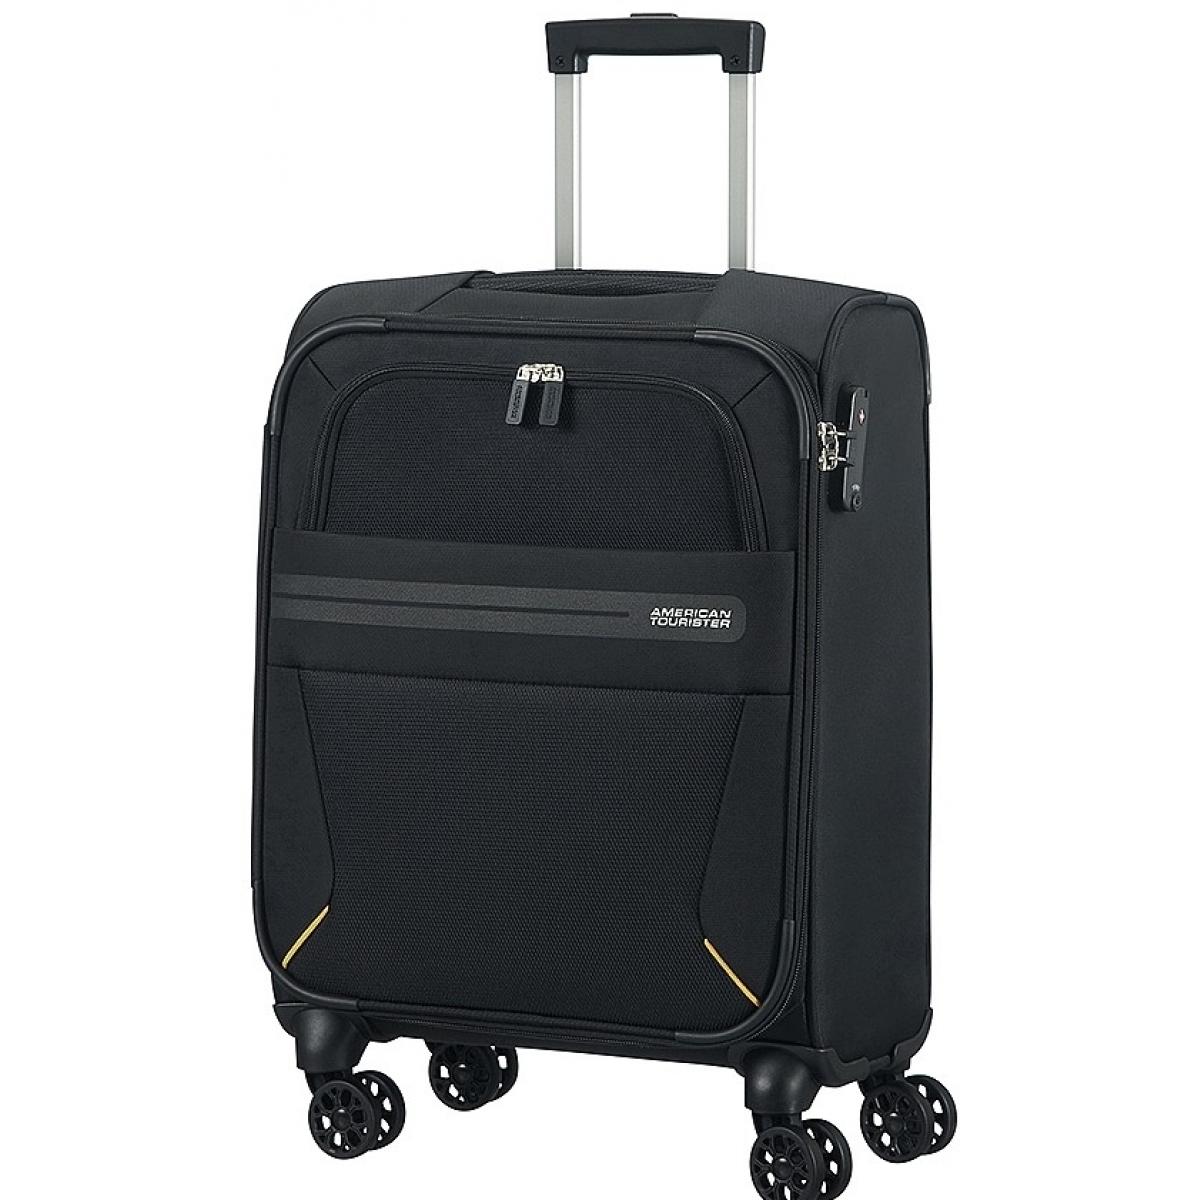 valise cabine summer voyager american tourister 55 20 cm noir summervoyager59 couleur. Black Bedroom Furniture Sets. Home Design Ideas